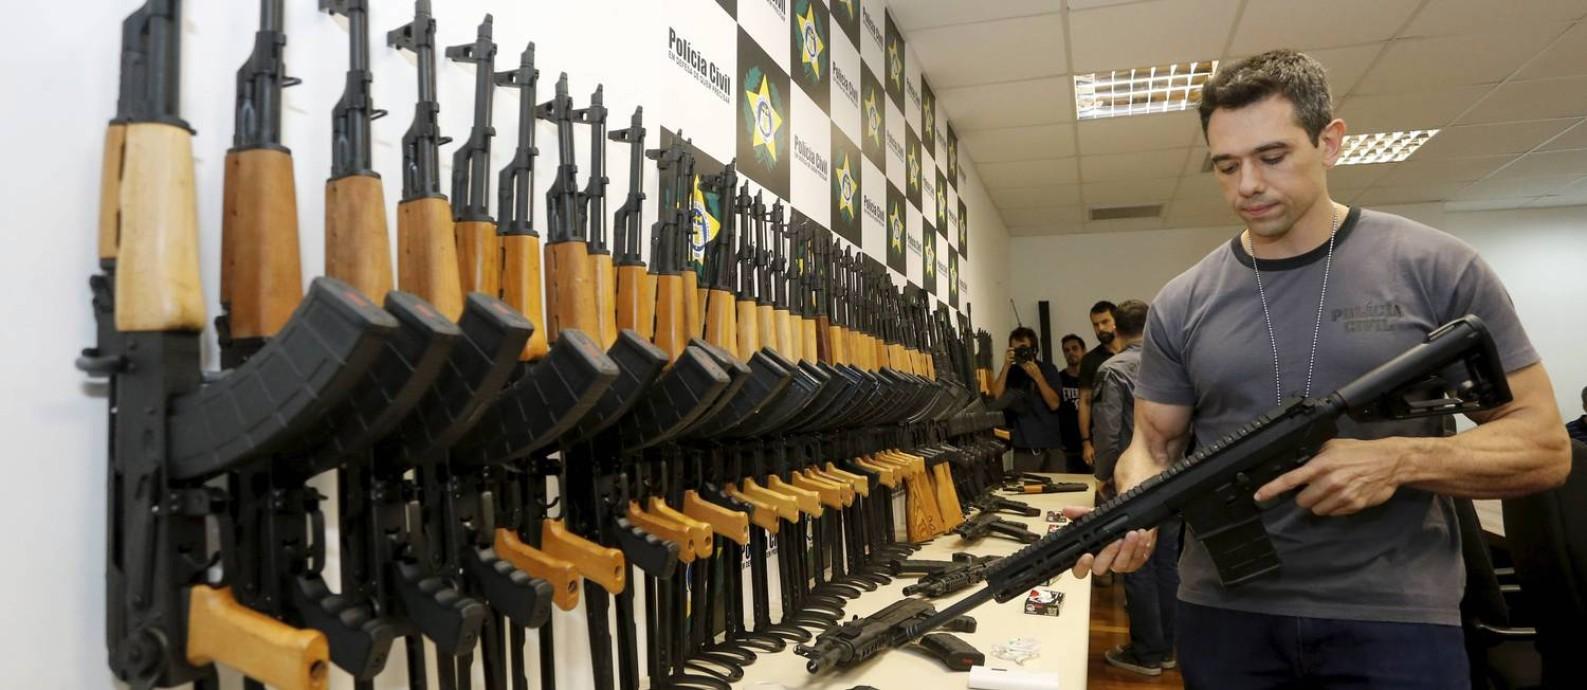 Carga oculta. Em junho, foram apreendidos 60 fuzis escondidos em aquecedores de piscina no Aeroporto do Galeão Foto: Domingos Peixoto/01-06-2017